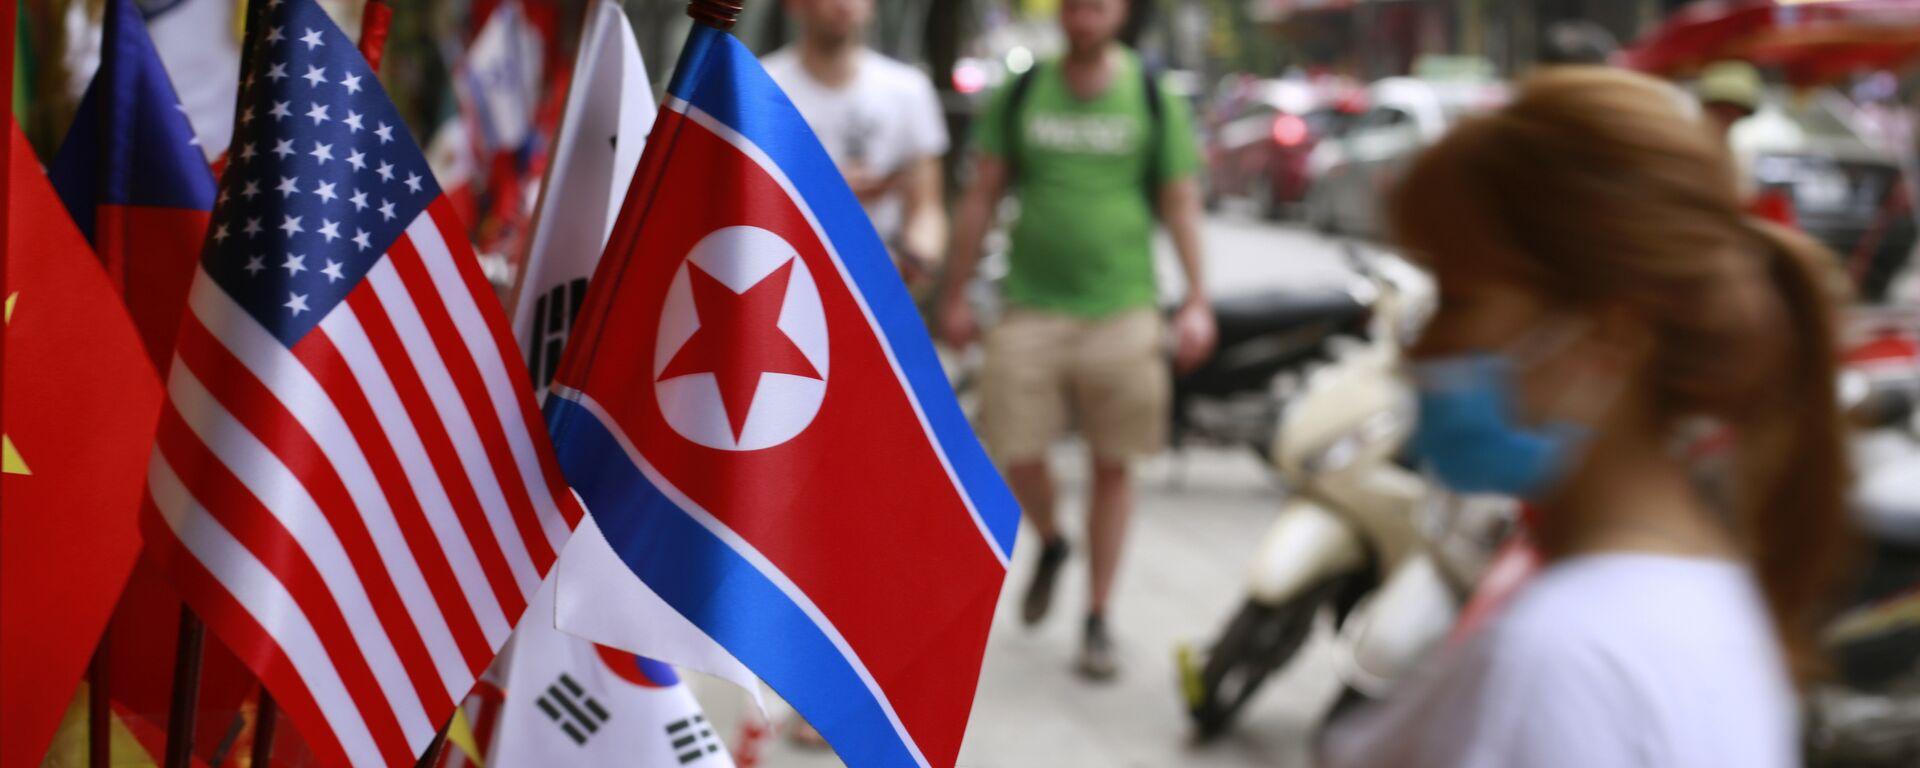 Las banderas de Corea del Norte y EEUU - Sputnik Mundo, 1920, 28.04.2021